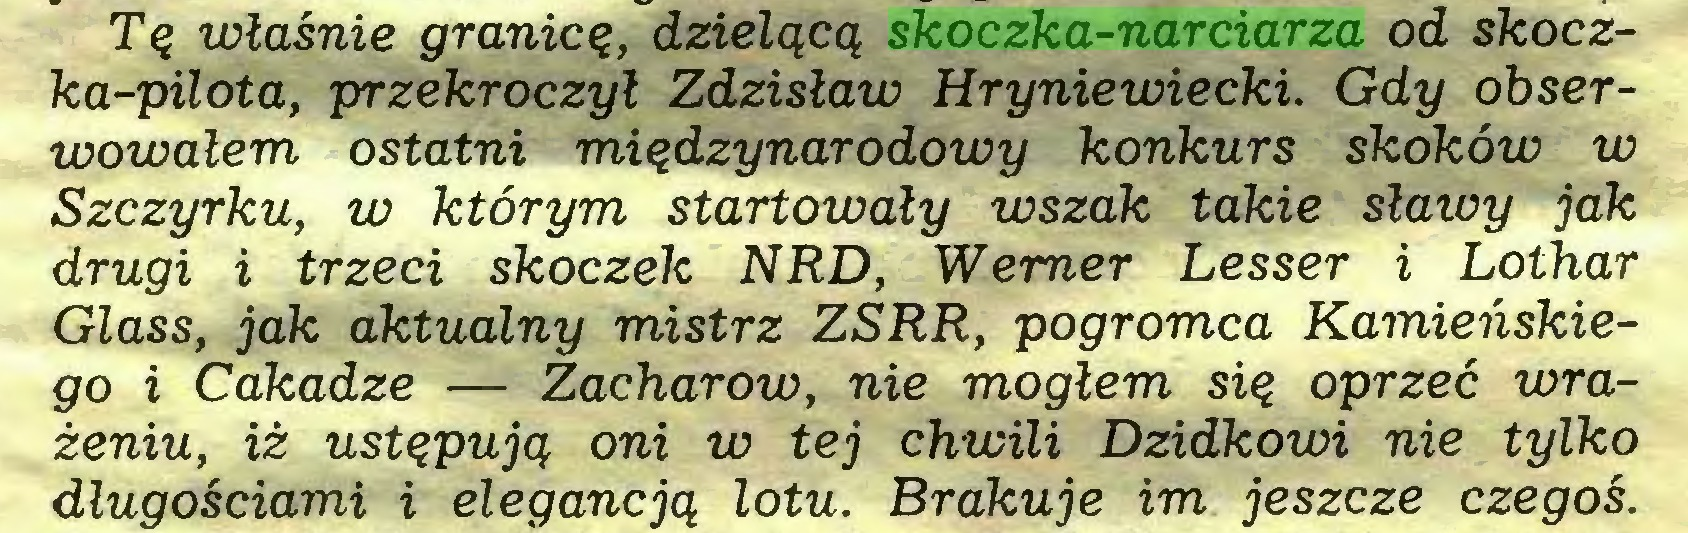 (...) Tq wlasnie granicq, dzielqcq skoczka-narciarza od skoczka-pilota, przekroczyl Zdzislaw Hryniewiecki. Gdy obserwowalem ostatni miqdzynarodowy konkurs skoköw w Szczyrku, w ktörym startowaly wszak takie slawy jak drugi i trzeci skoczek NRD, Werner Lesser i Lothar Glass, jak aktualny mistrz ZSRR, pogromca Kamiehskiego i Cakadze — Zacharow, nie moglem siq oprzec wrazeniu, iz ustqpujq oni w tej chwili Dzidkowi nie tylko dlugosciami i elegancjq lotu. Brakuje im jeszcze czegos...